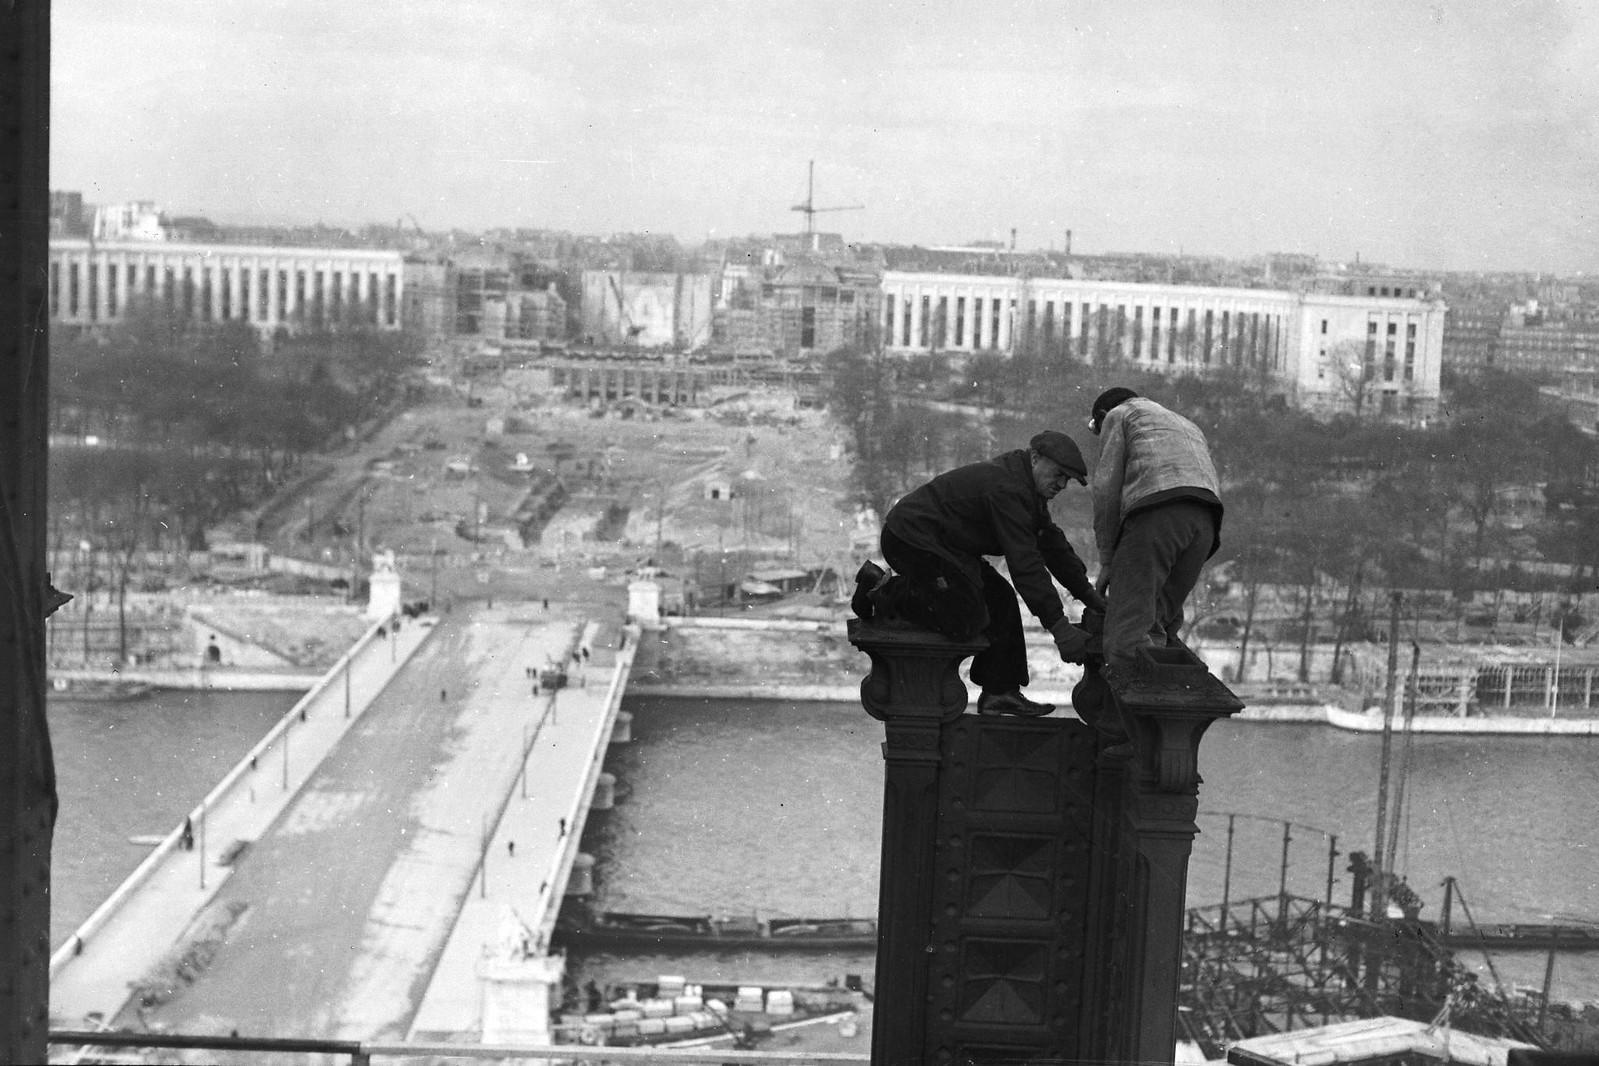 06. 1936. Рабочие на вершине колонны во время модернизации первого этажа Эйфелевой башни для Всемирной выставки 1937 года, 14 декабря